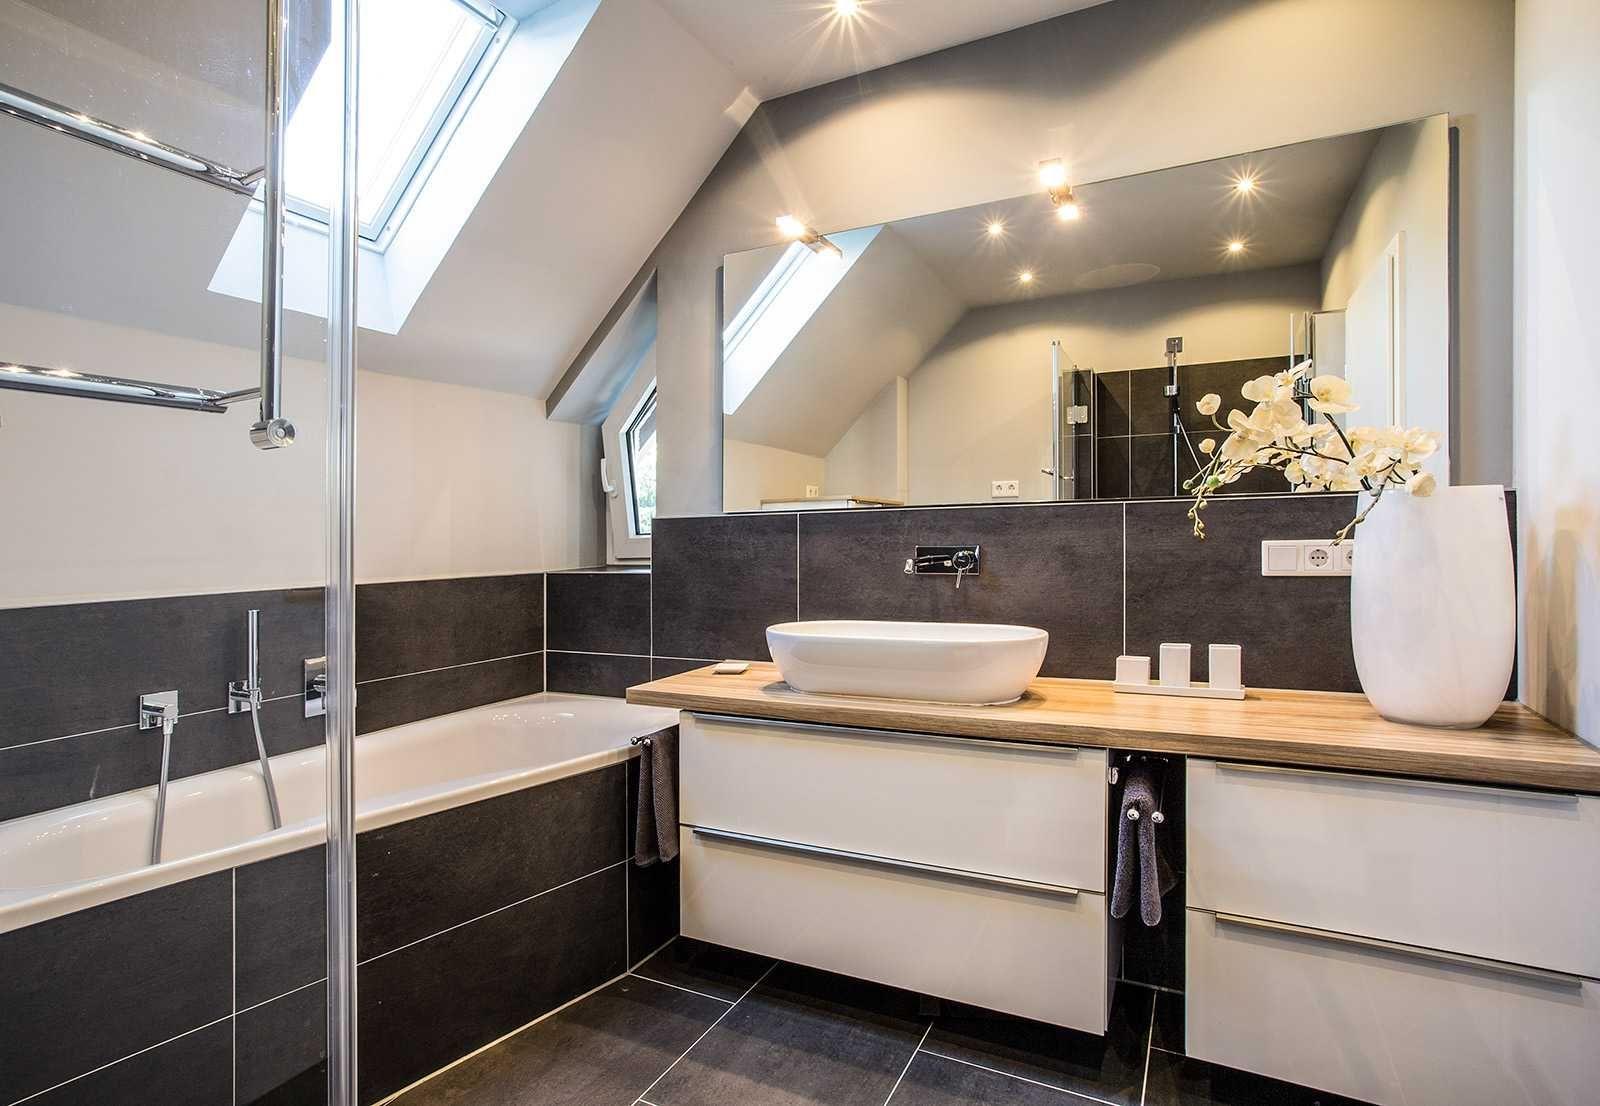 Badezimmer stuttgart ~ Modernes bad mit großem waschtisch und badewanne minibagno bäder